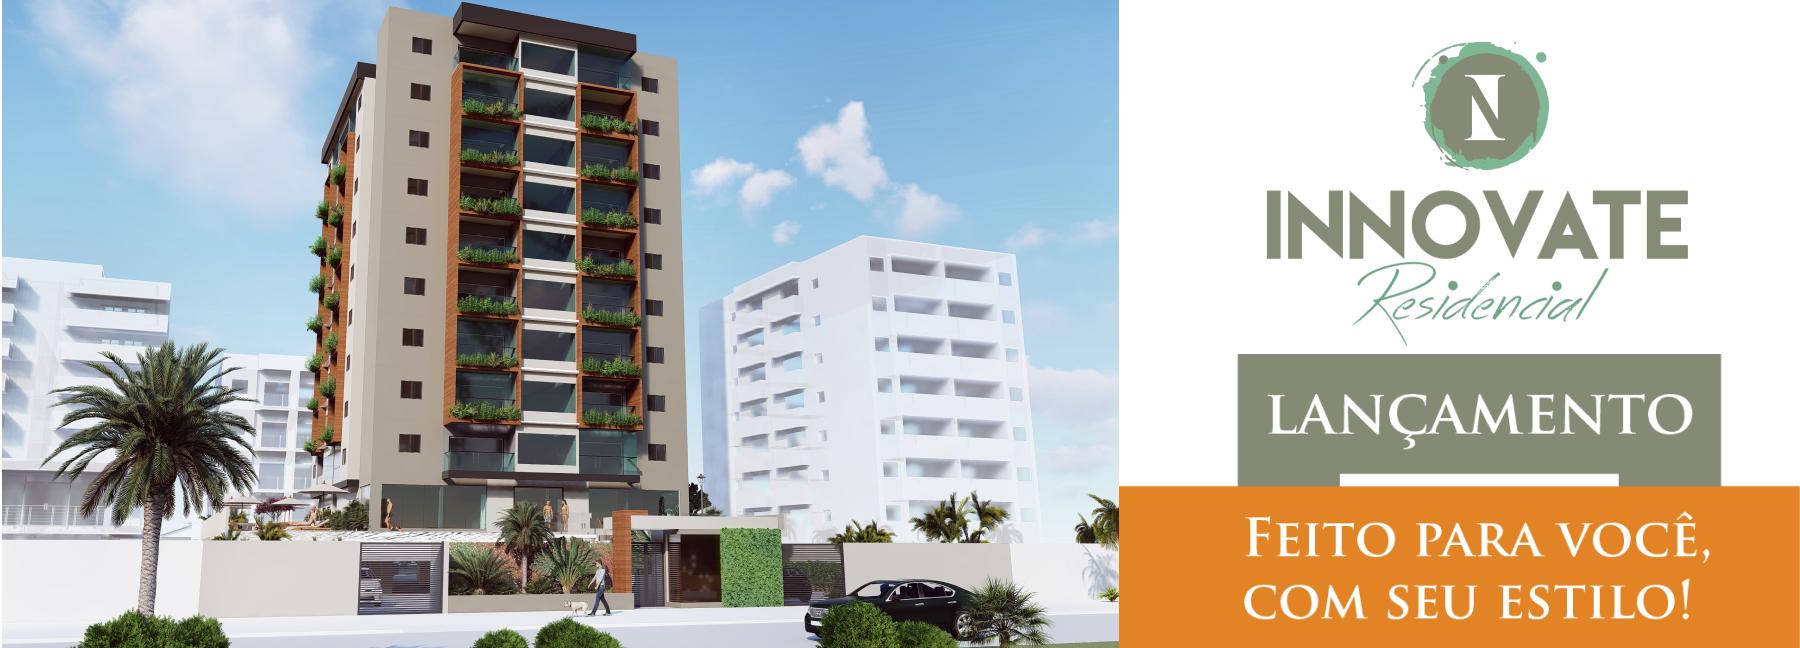 Banner innovate residencial